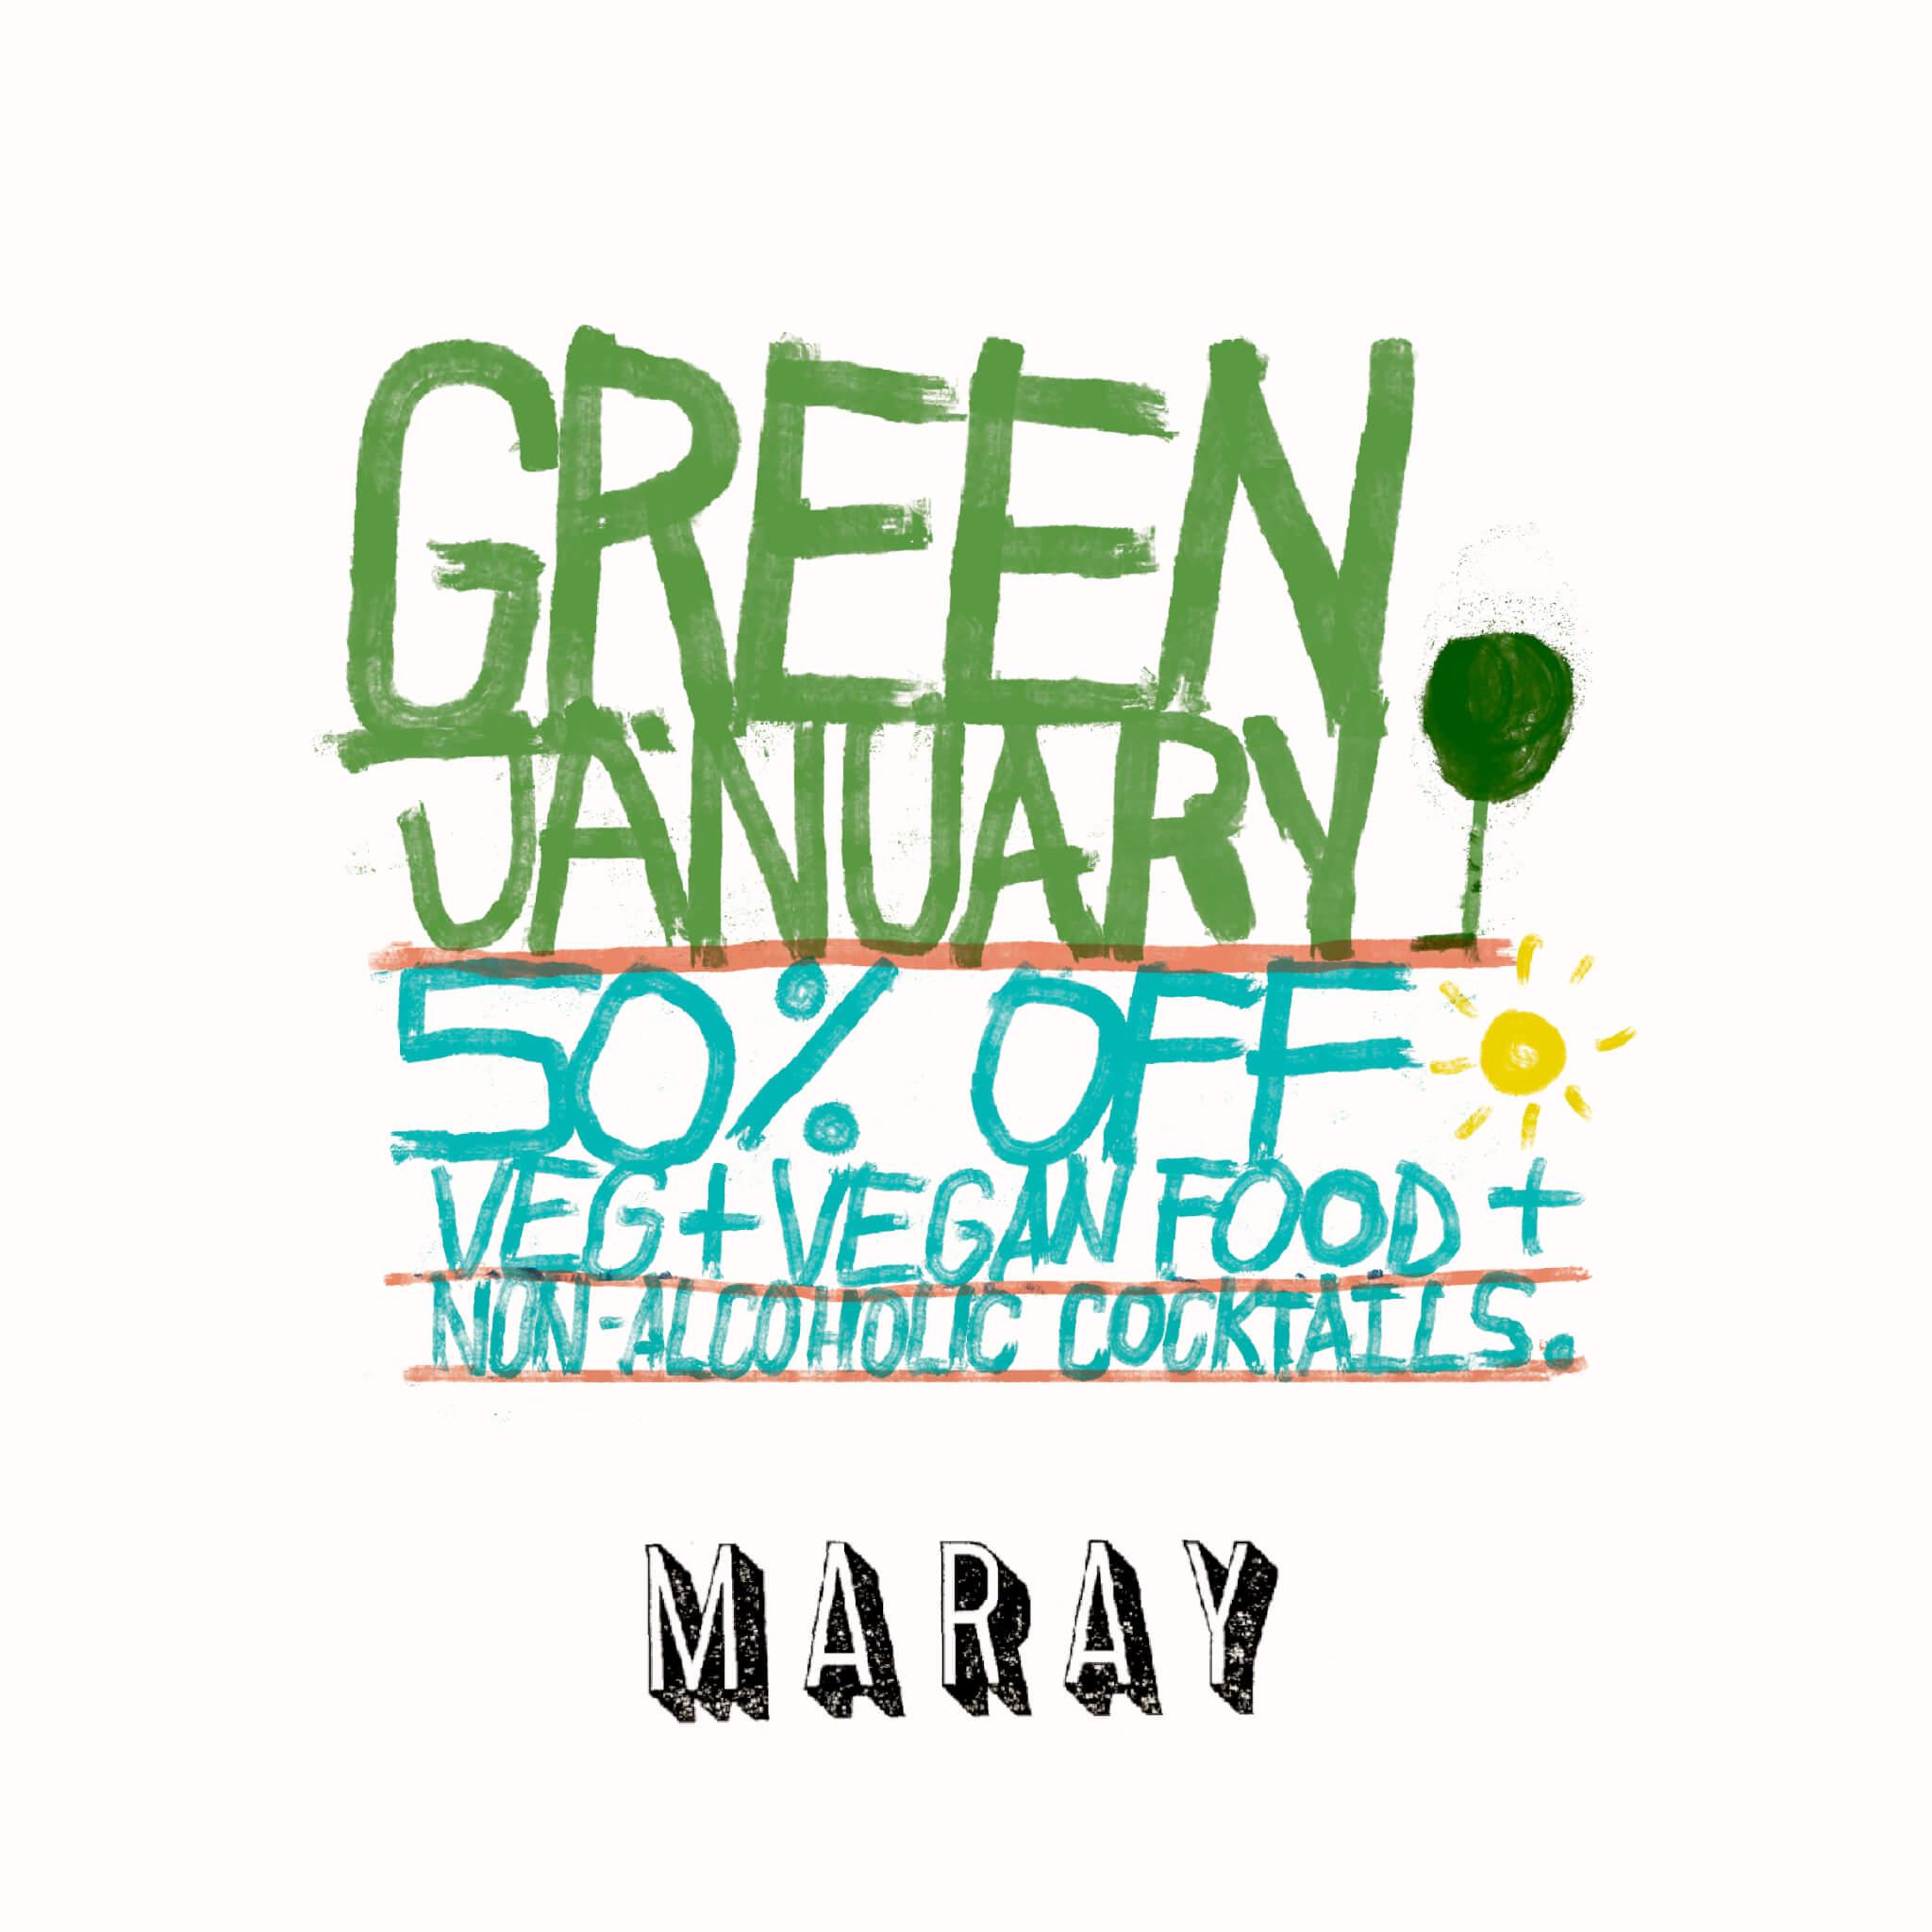 Green January